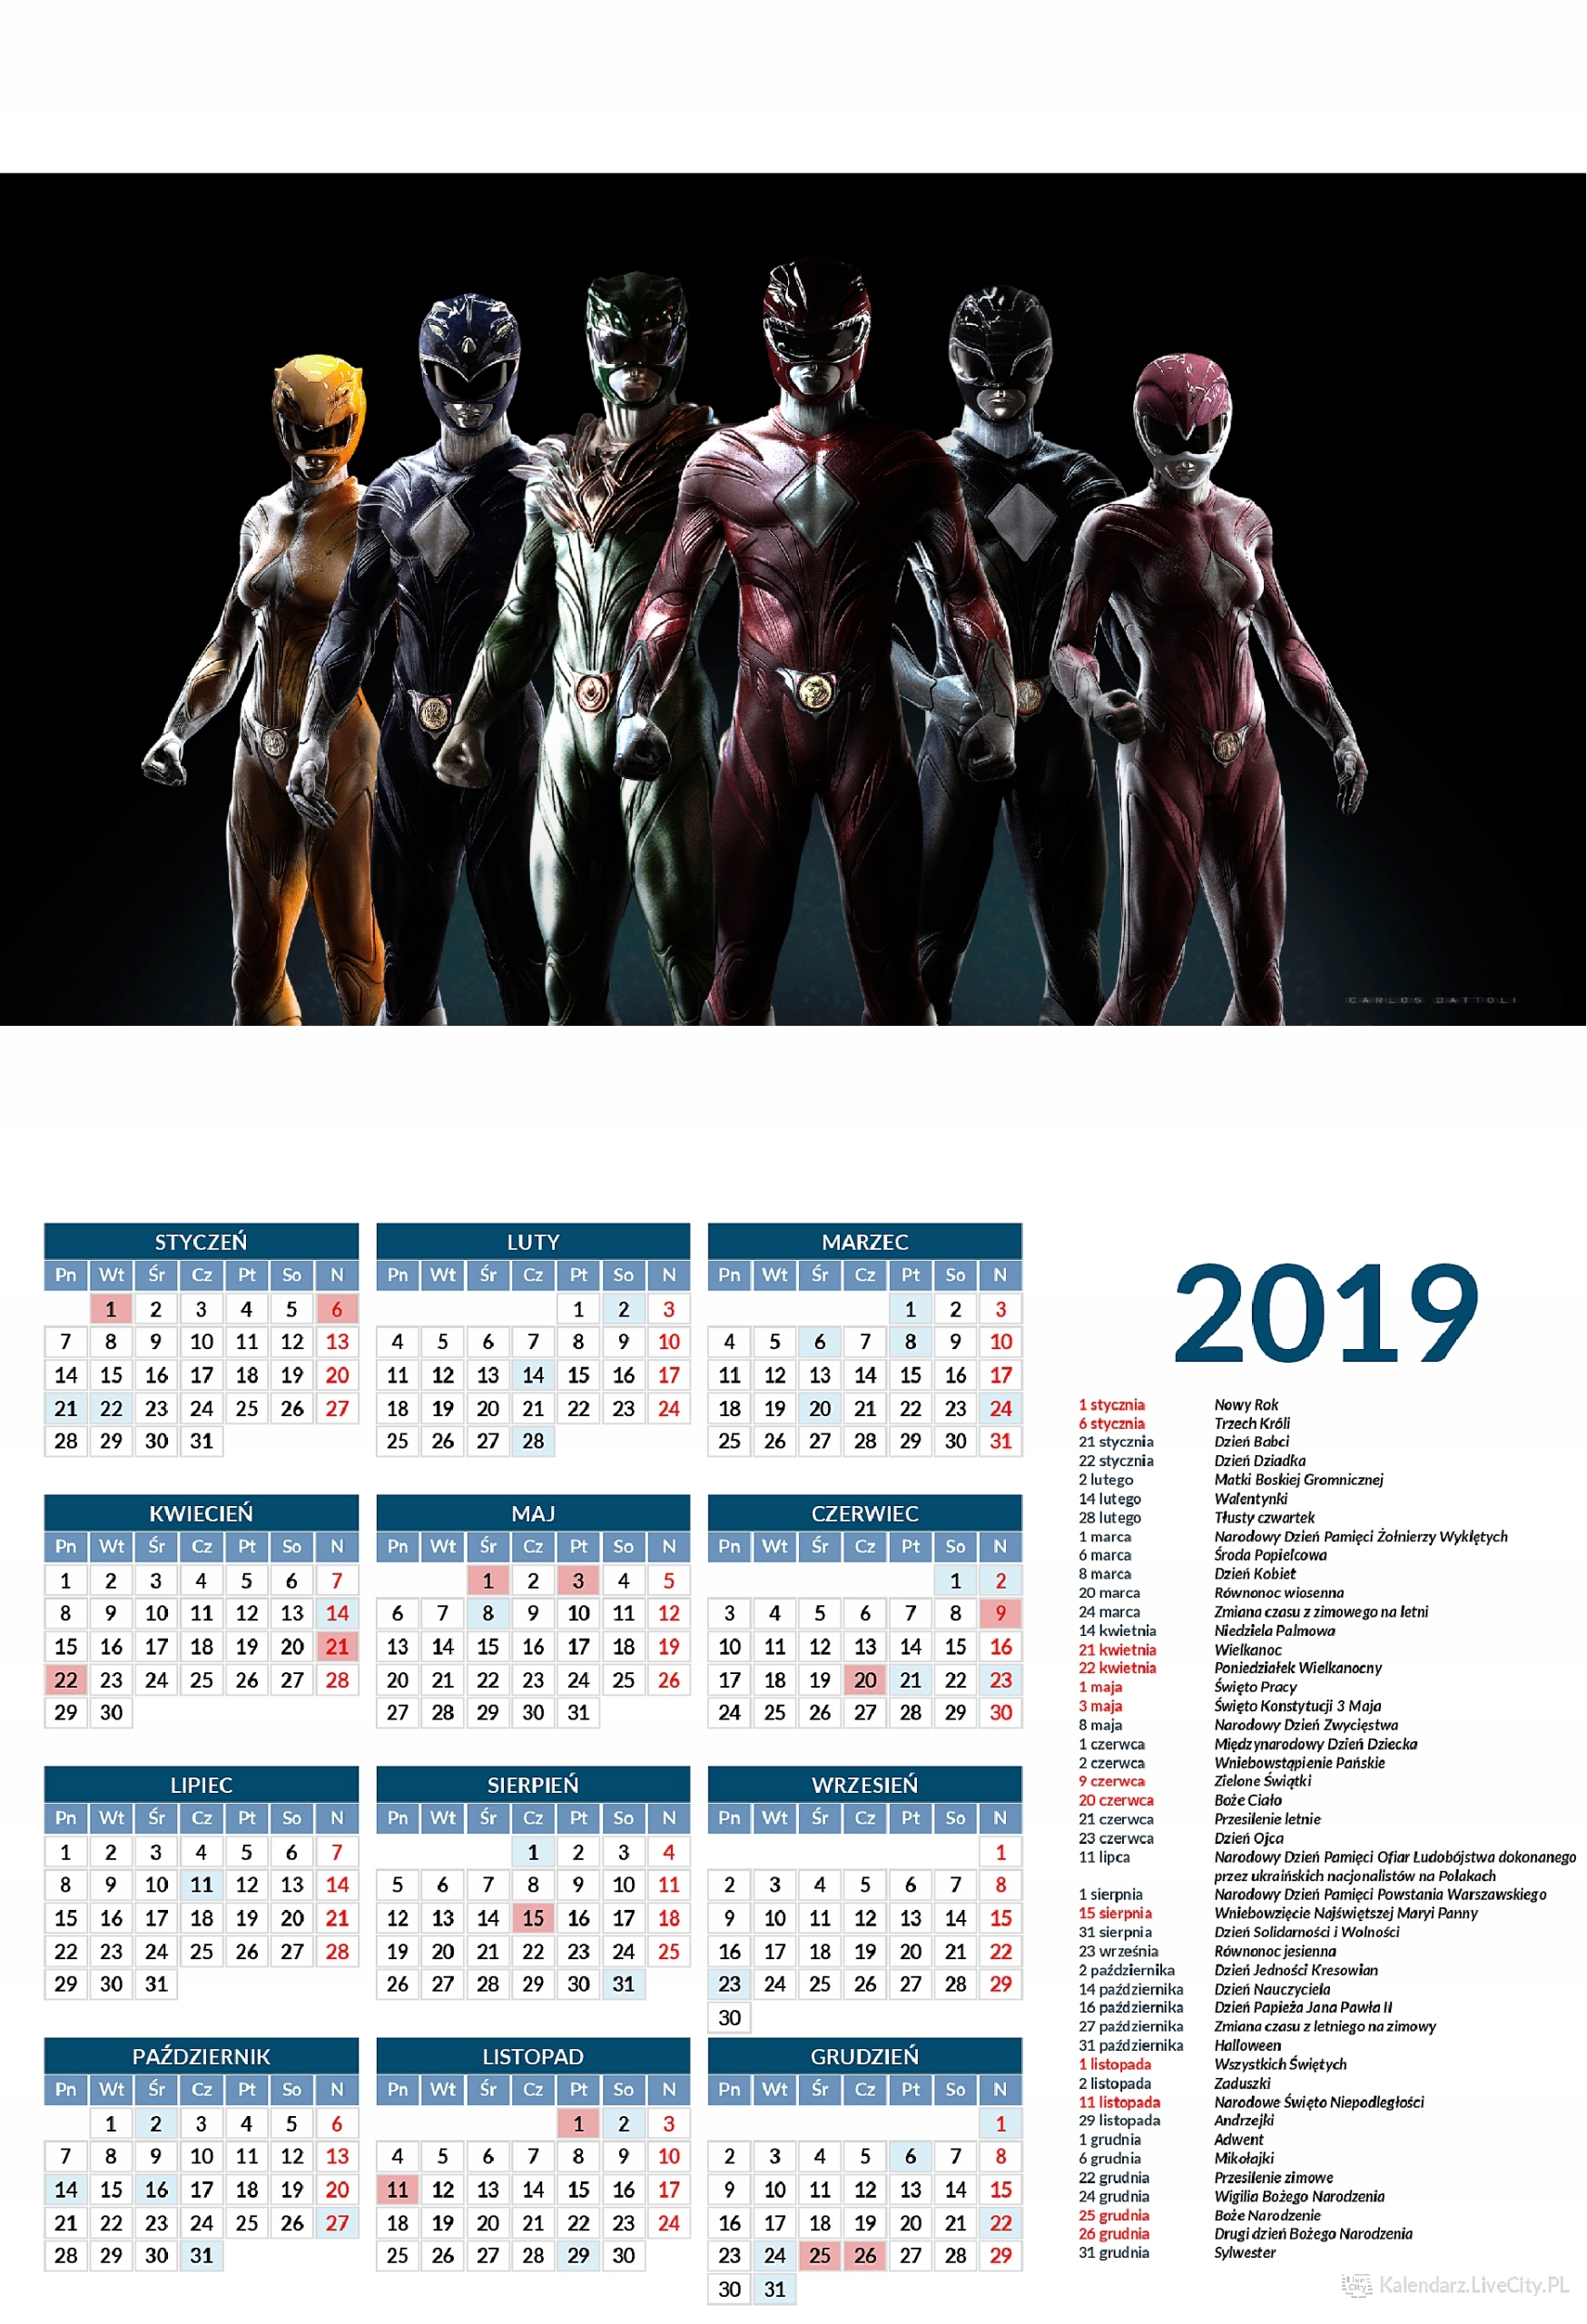 Kalendarz 2019 GRA POWER RANGERS WSZYSTKIE FIGURKI